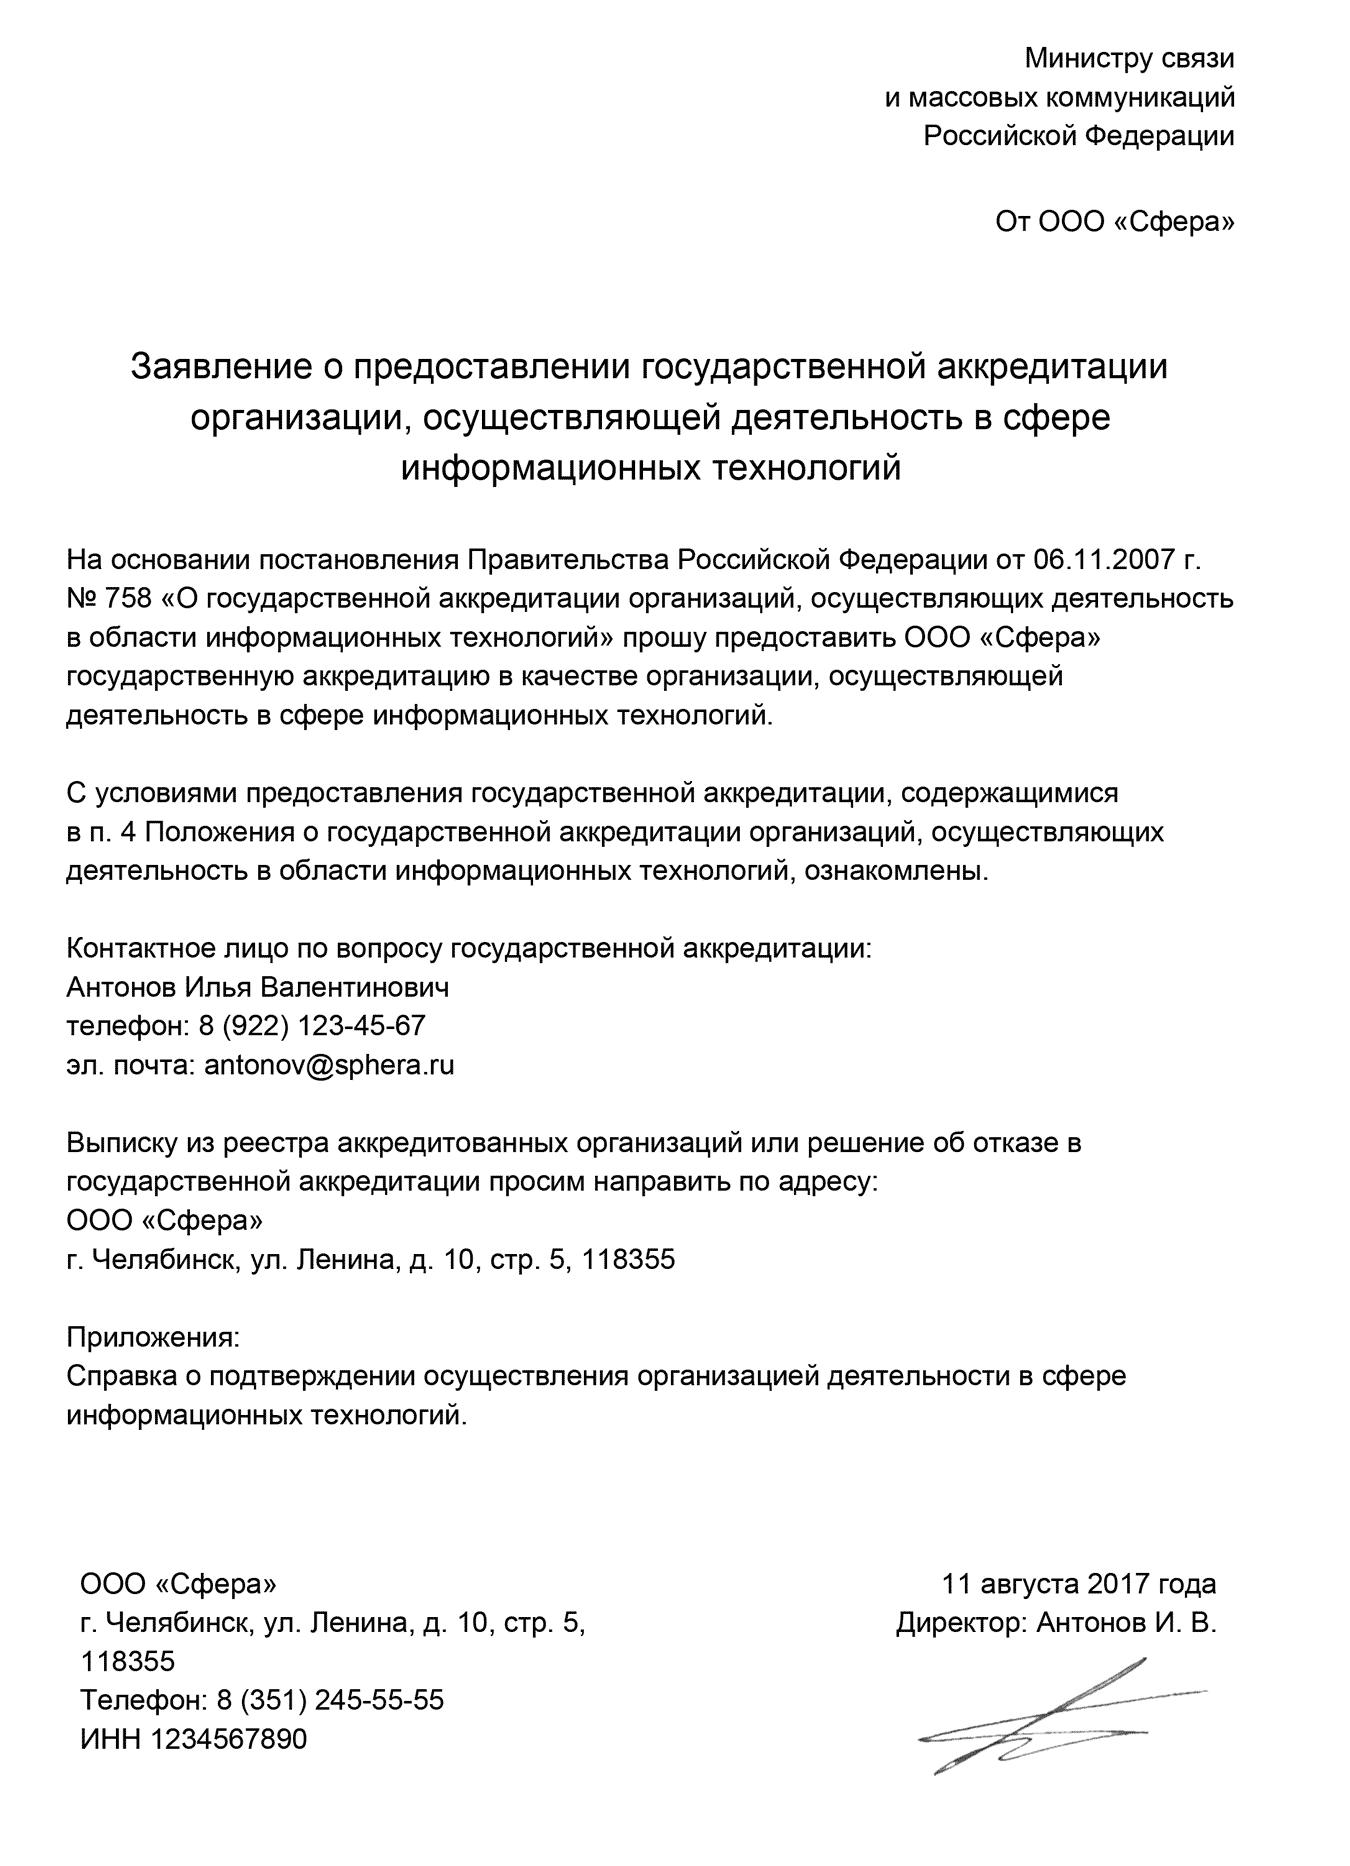 {Шаблон заявления}(https://docs.google.com/document/d/1SUai63IACtRWKTFVDy4Rqt1Ep_3CbBlb_LQChcrDAFI/edit?usp=sharing) о предоставлении аккредитации